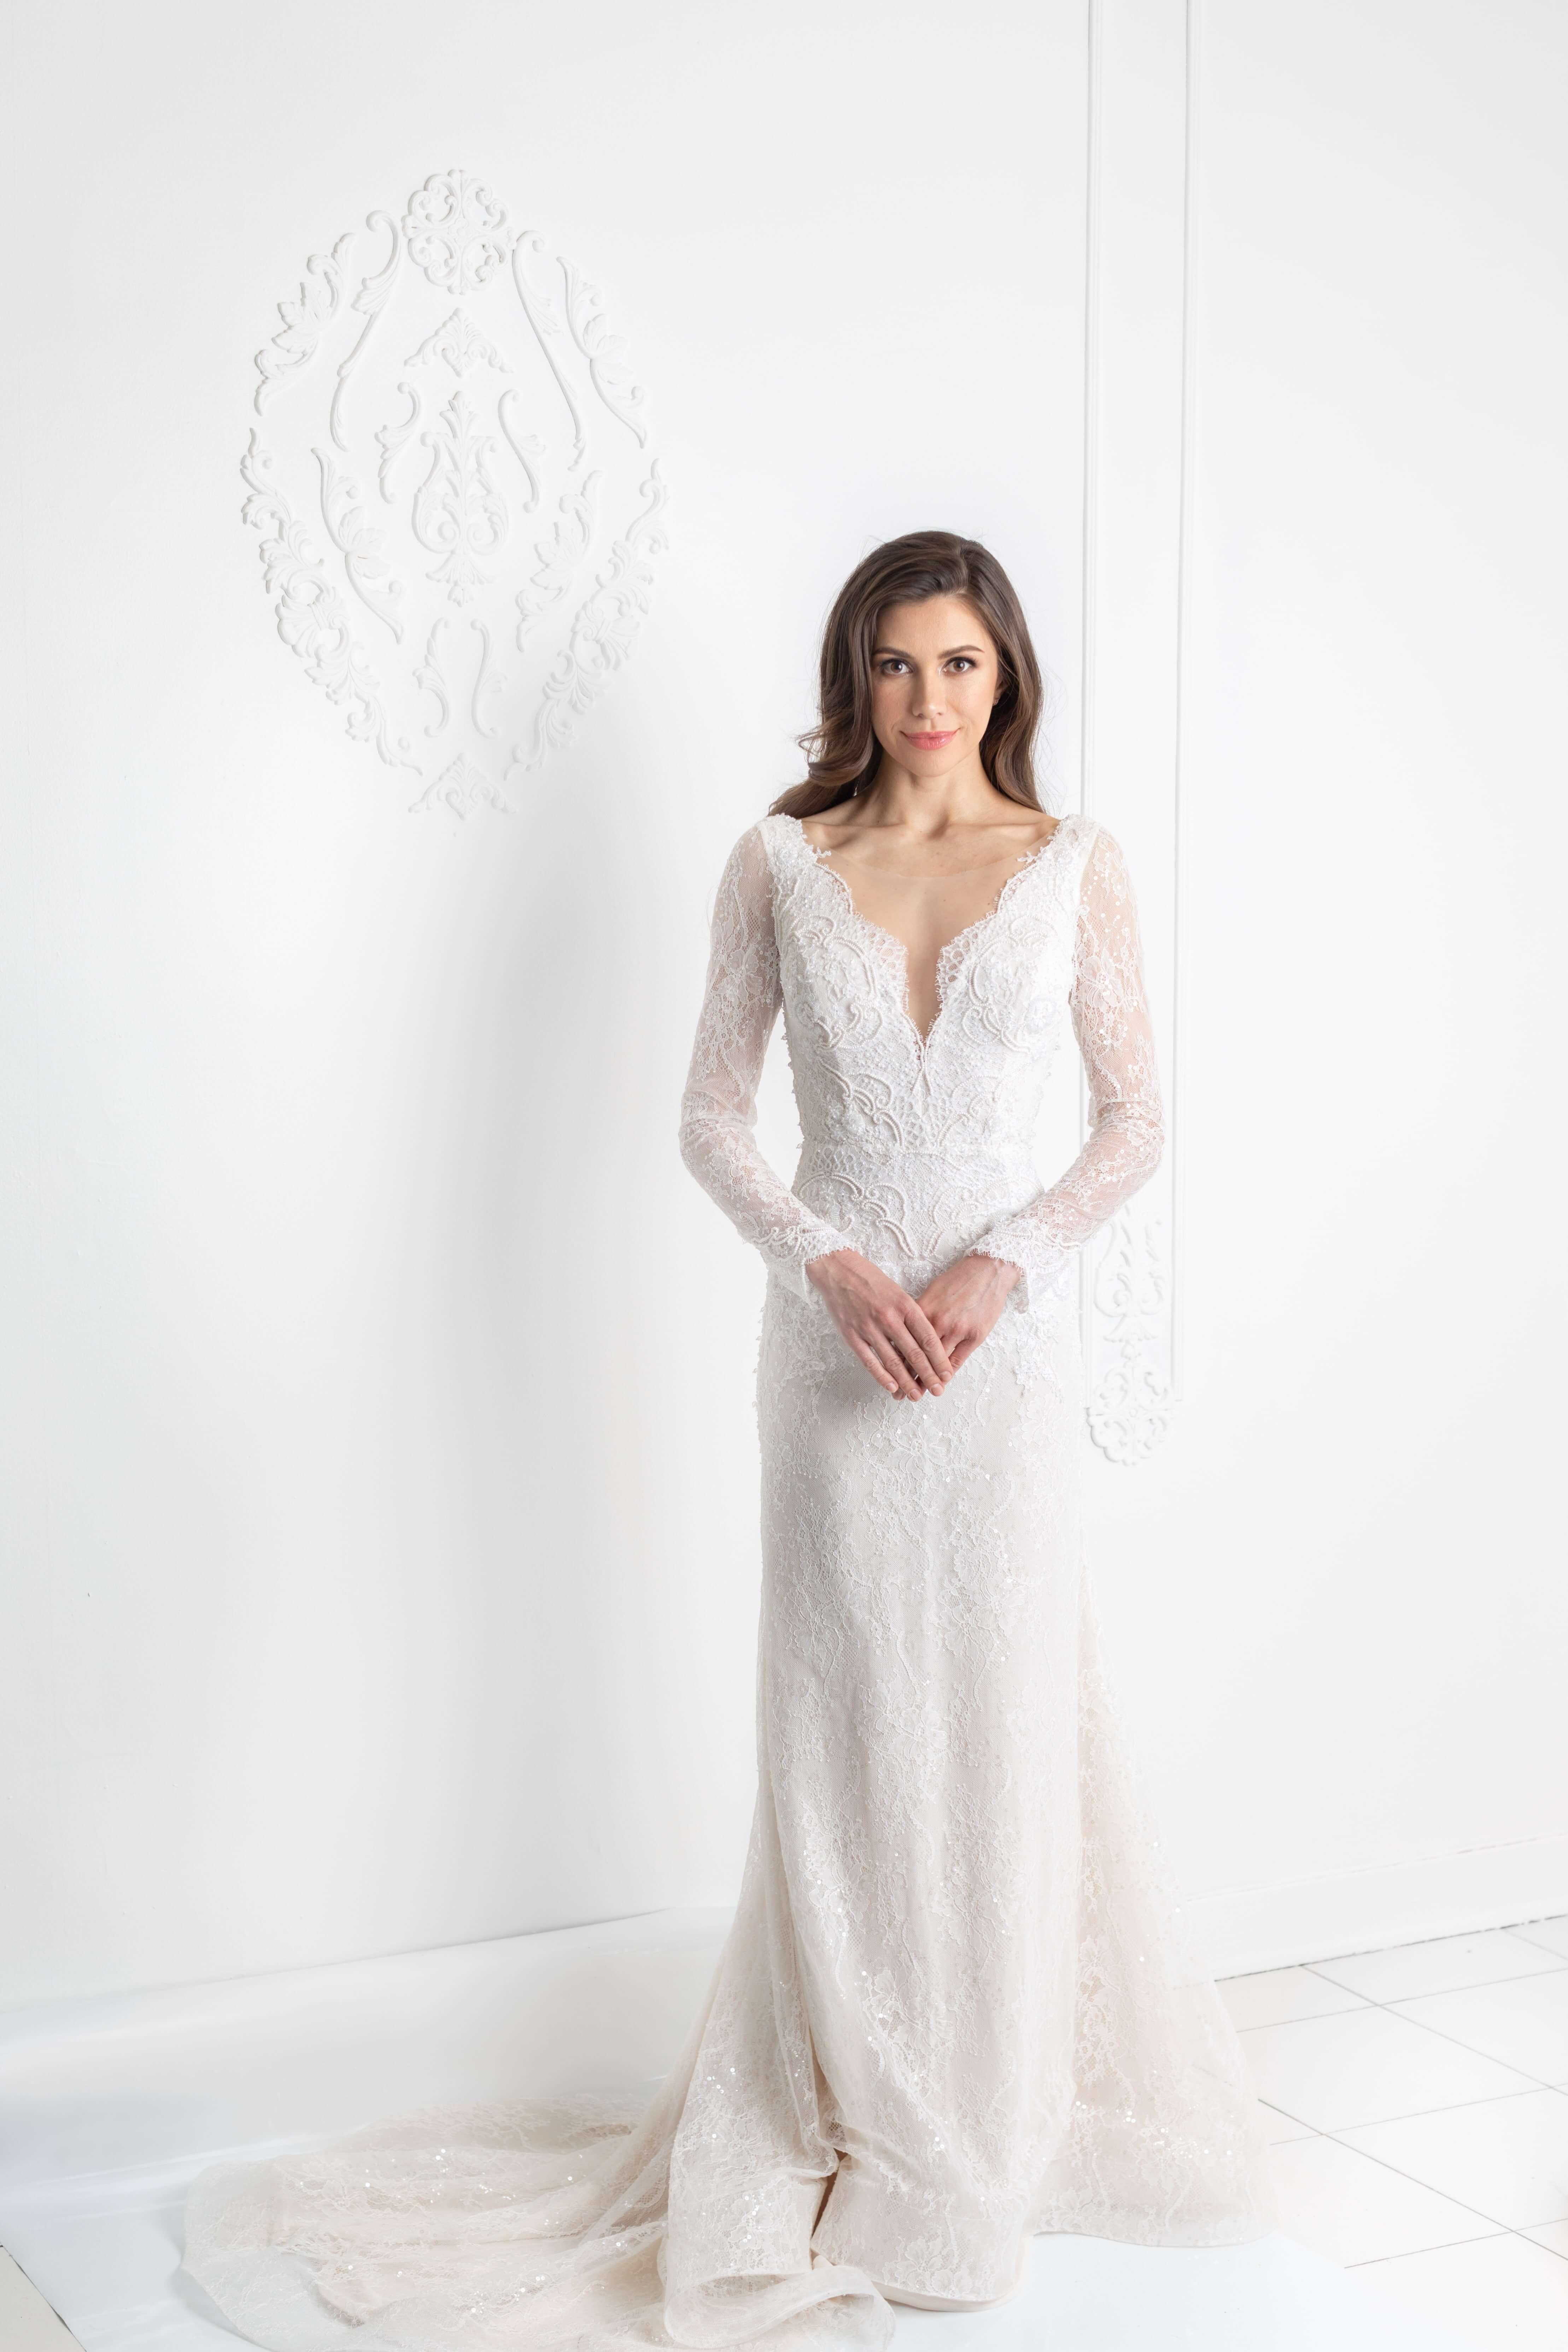 robe de mariee manches longues avec dentelle de chantilly perlee montreal lilia haute couture robes sur mesure